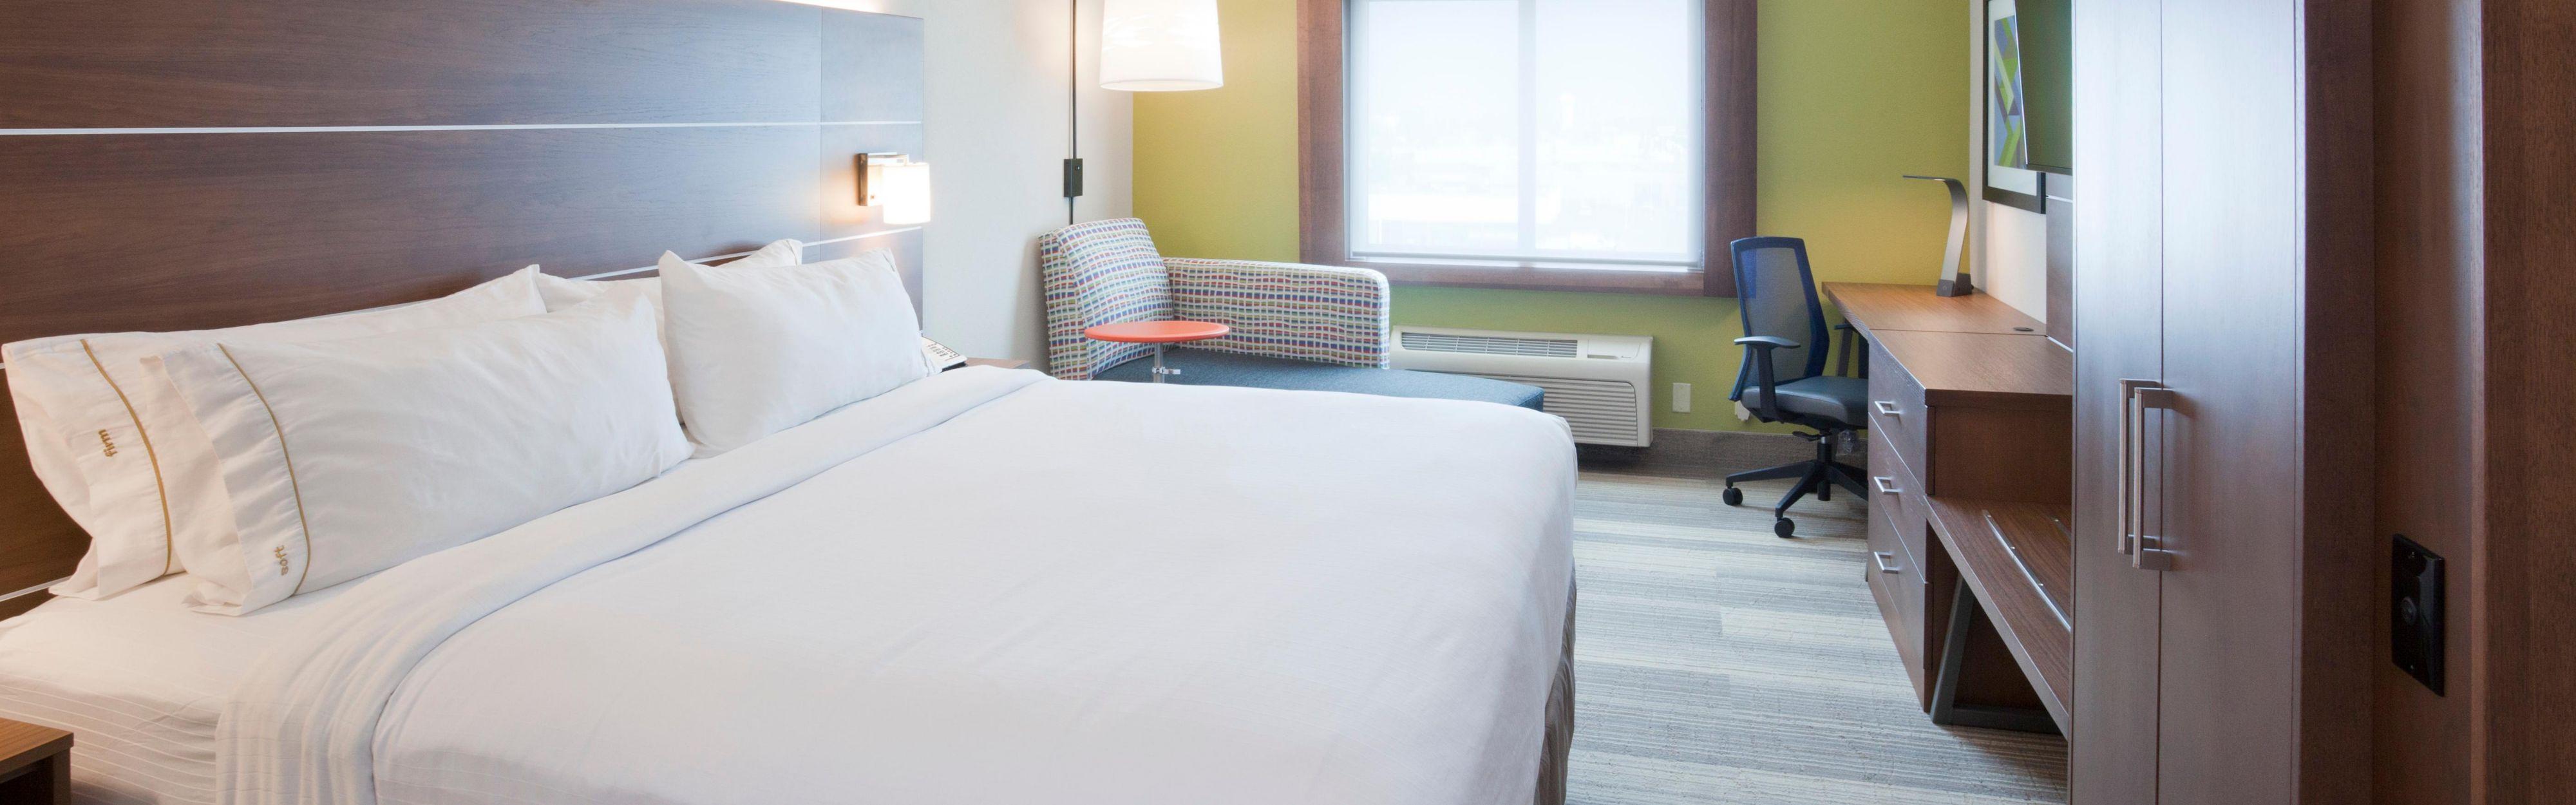 Holiday Inn Express Roseville-St. Paul image 1